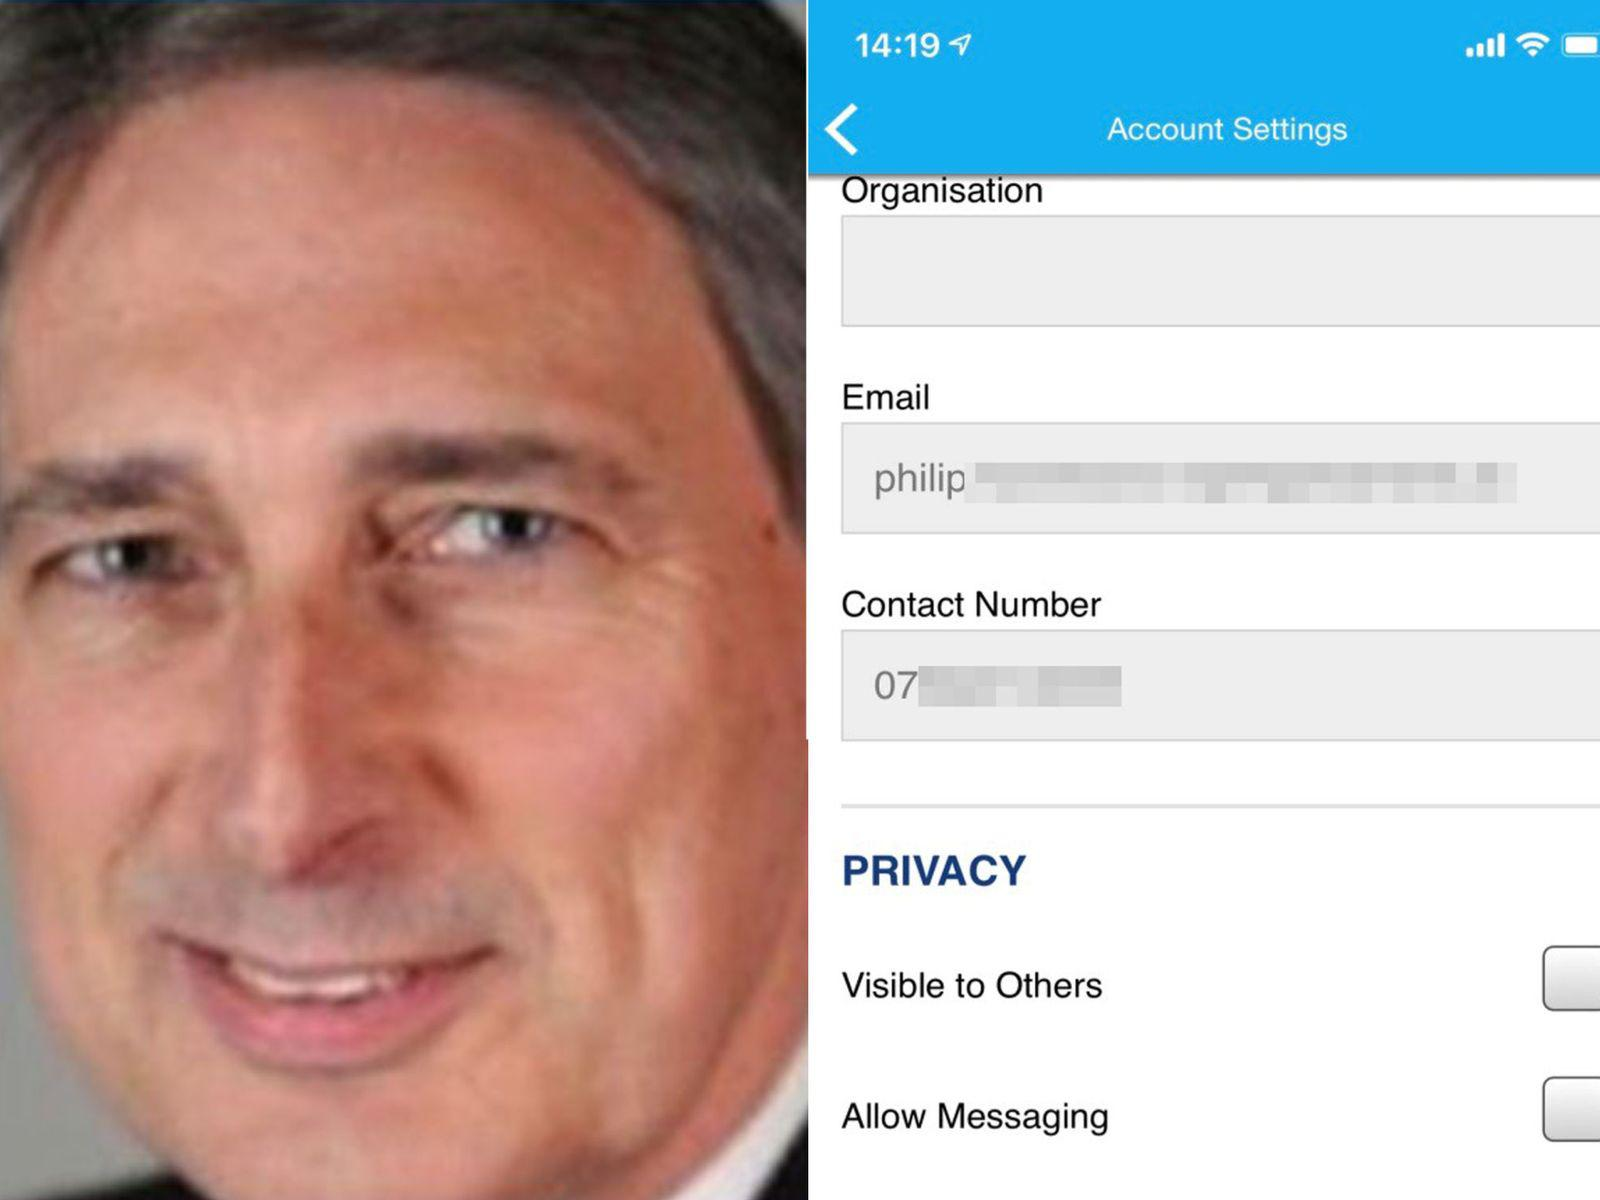 英保守党官方软件出现安全漏洞 多名高官信息被泄